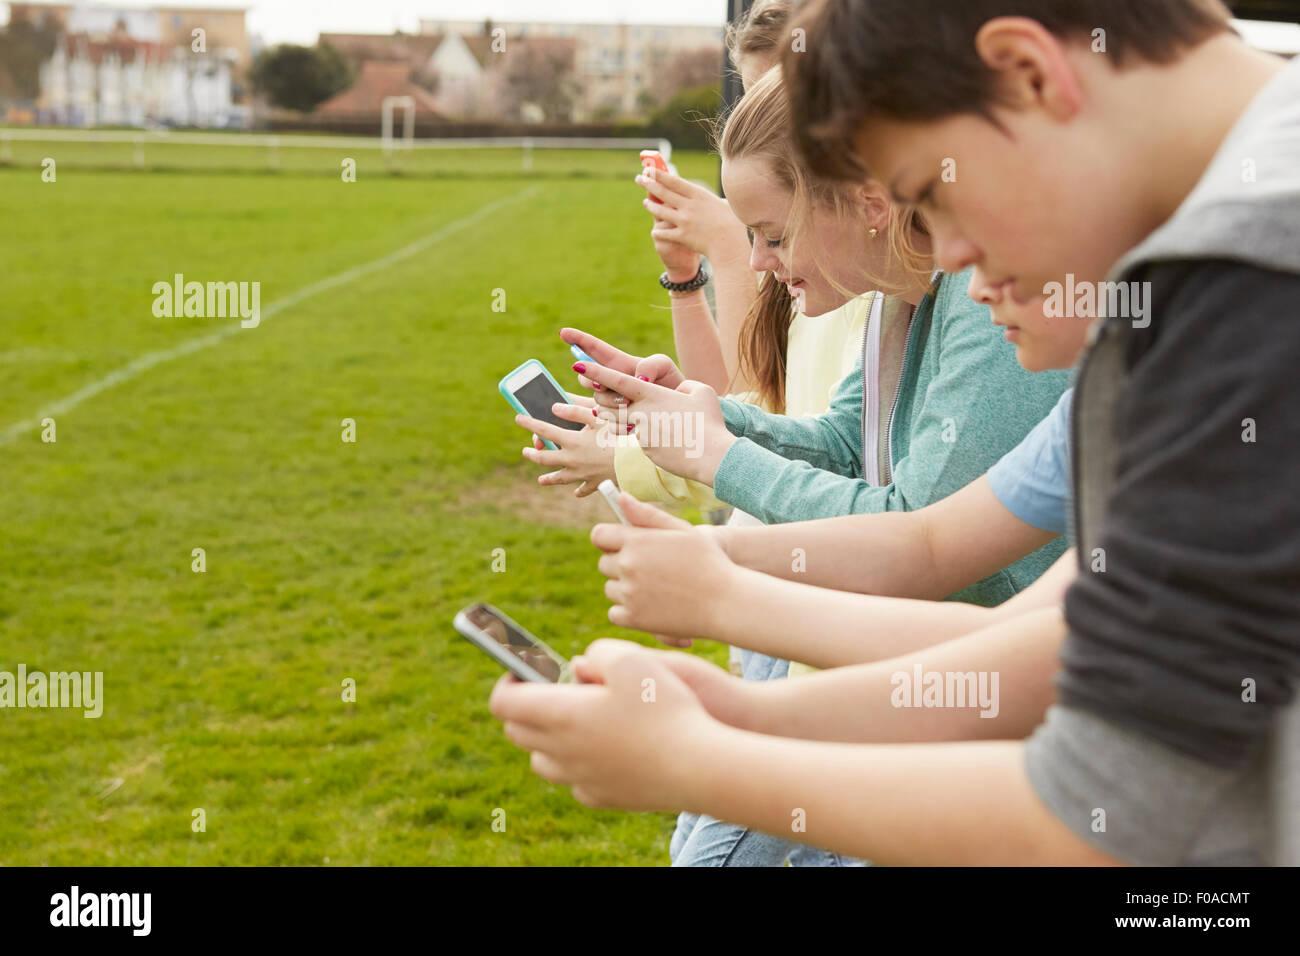 Reihe von fünf jungen und Mädchen lesen Smartphone SMS-Nachrichten am Fußballplatz Stockbild